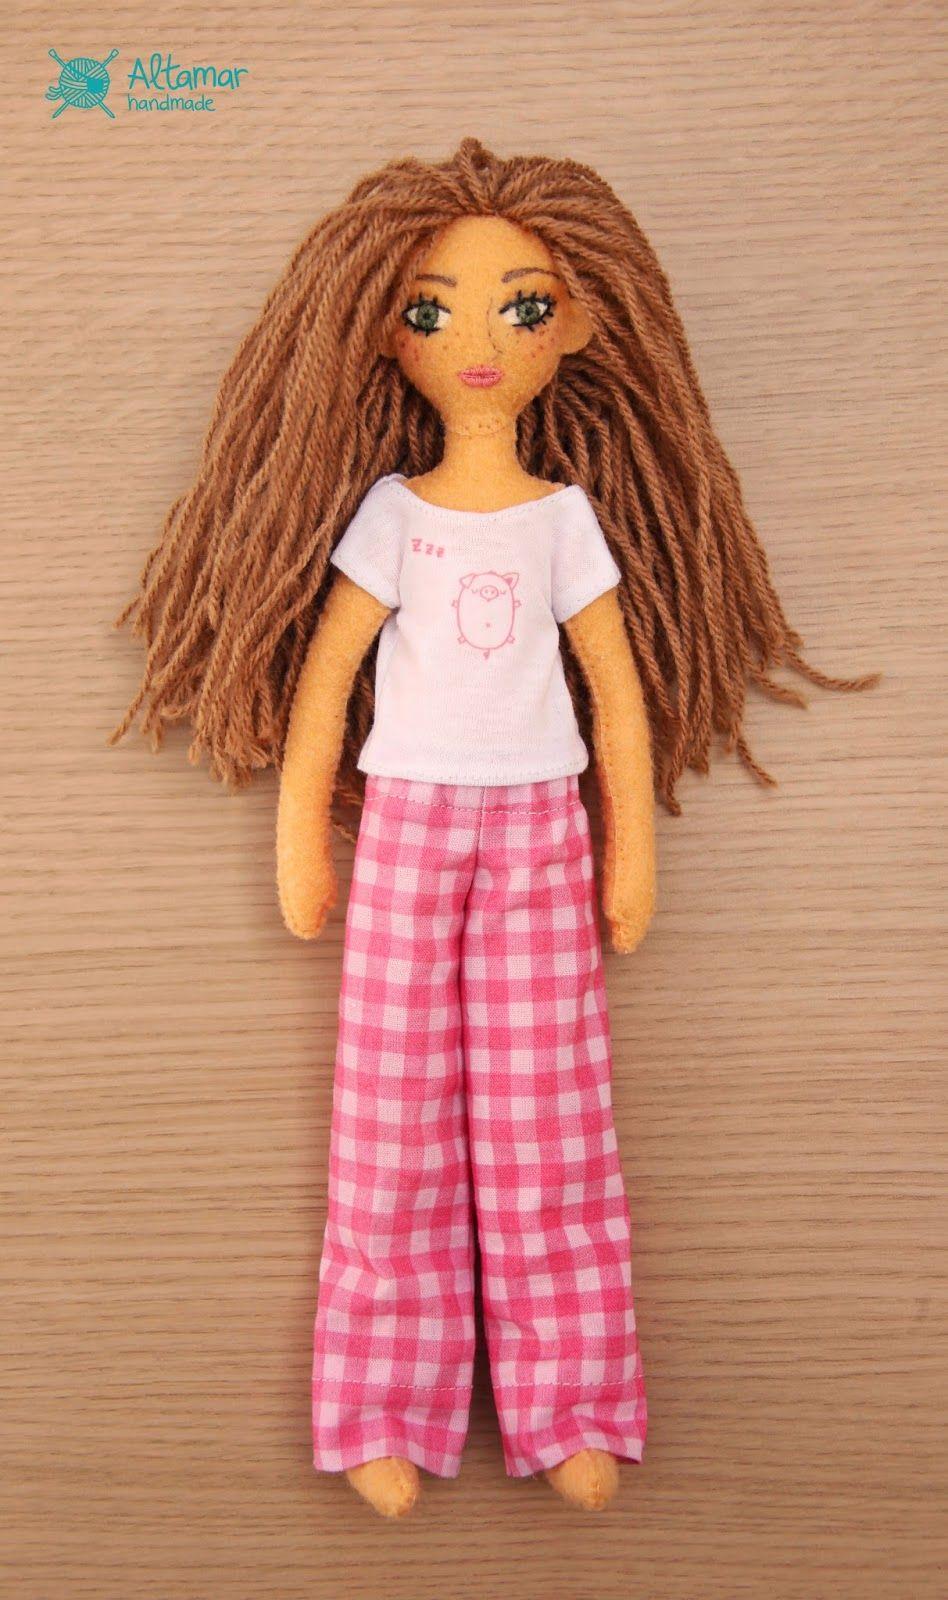 Ropa de muñecas de Altamar Handmade: Pijamas http://altamarhandmade.blogspot.com.es/2014/06/pijamas.html